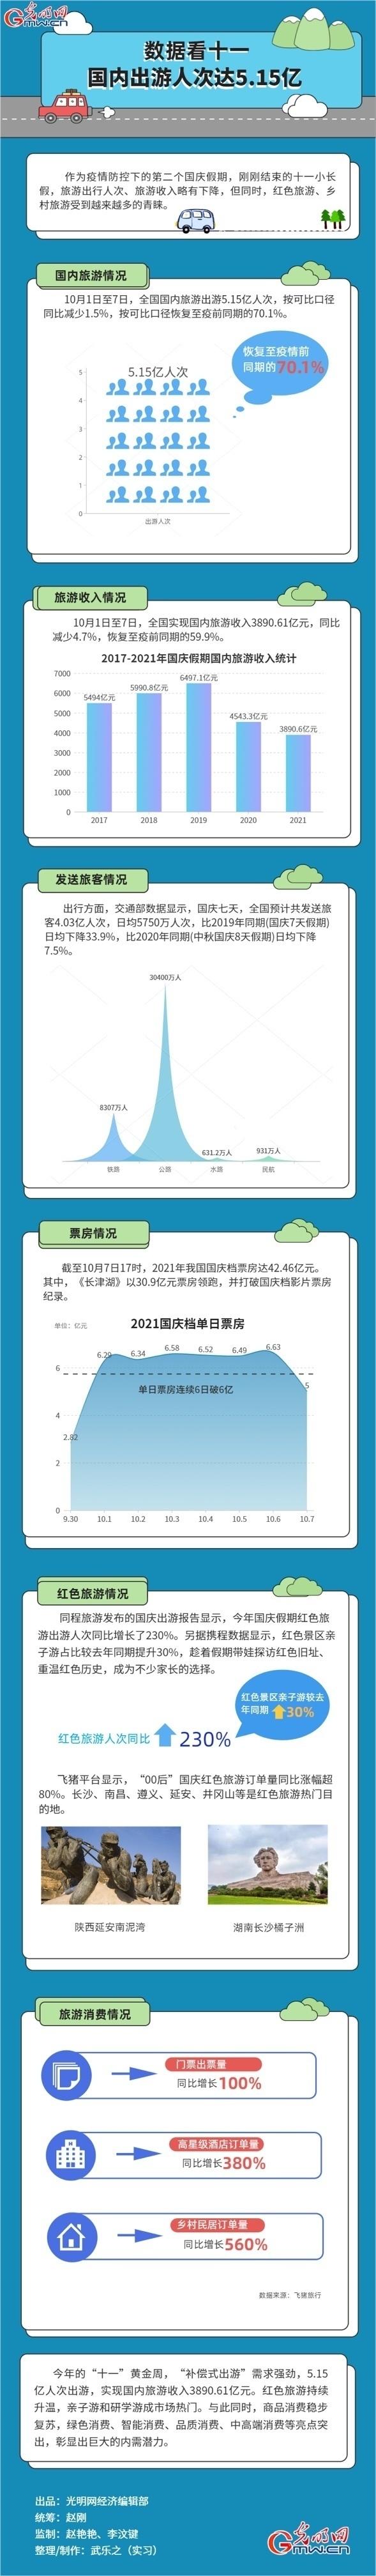 数据图解丨数据看十一 国内出游人次达5.15亿